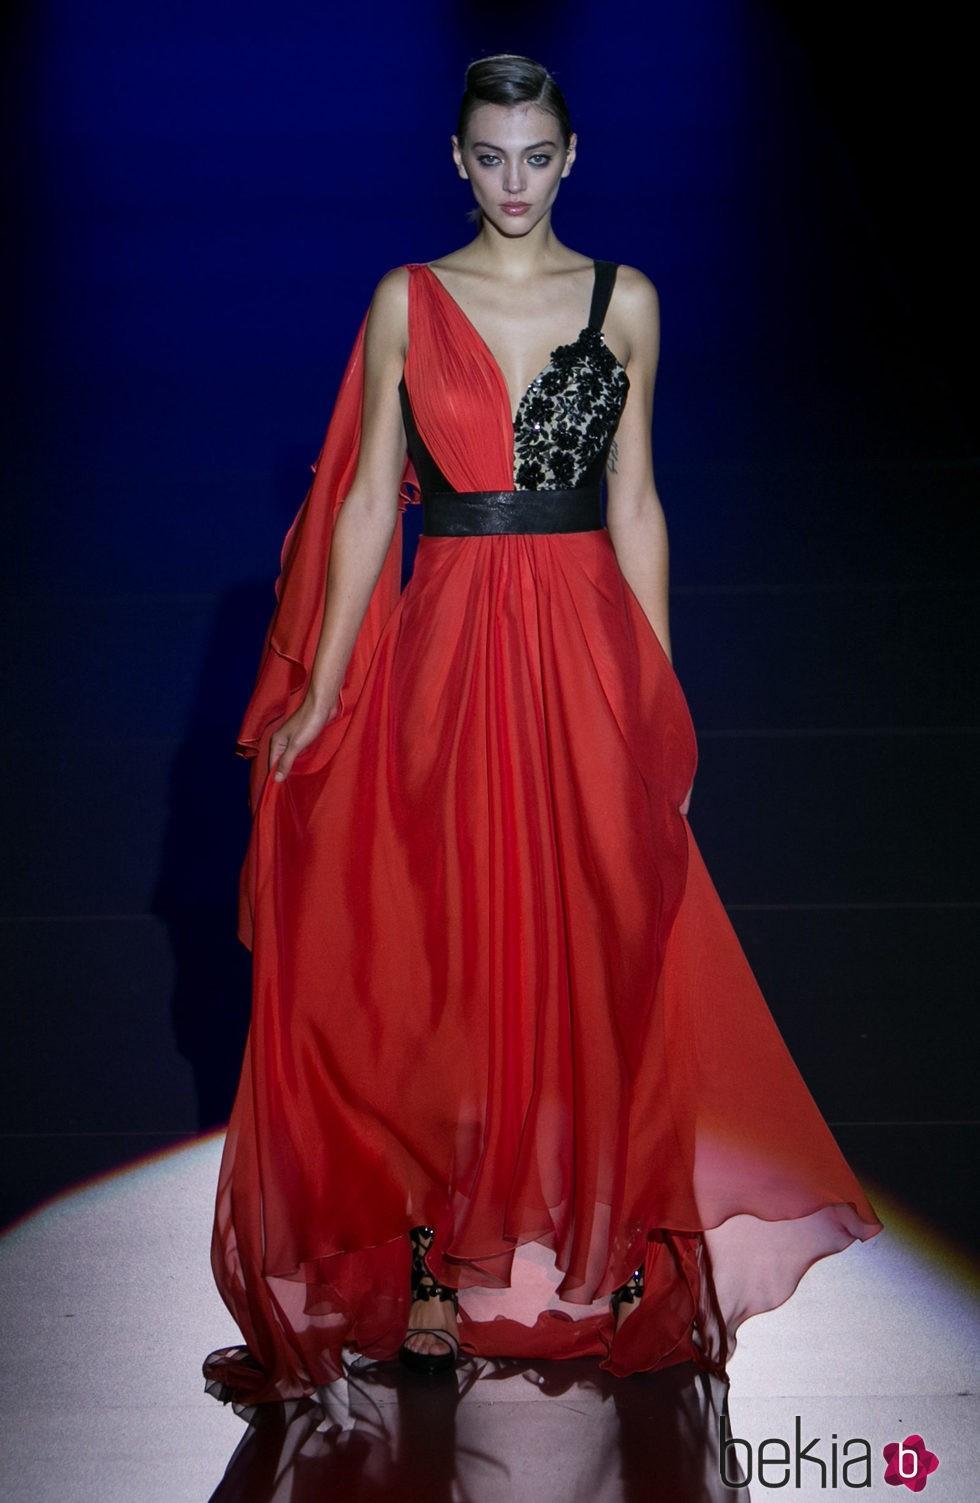 Vestido rojo de Hannibal Laguna para primavera/verano 2016 en Madrid Fashion Week